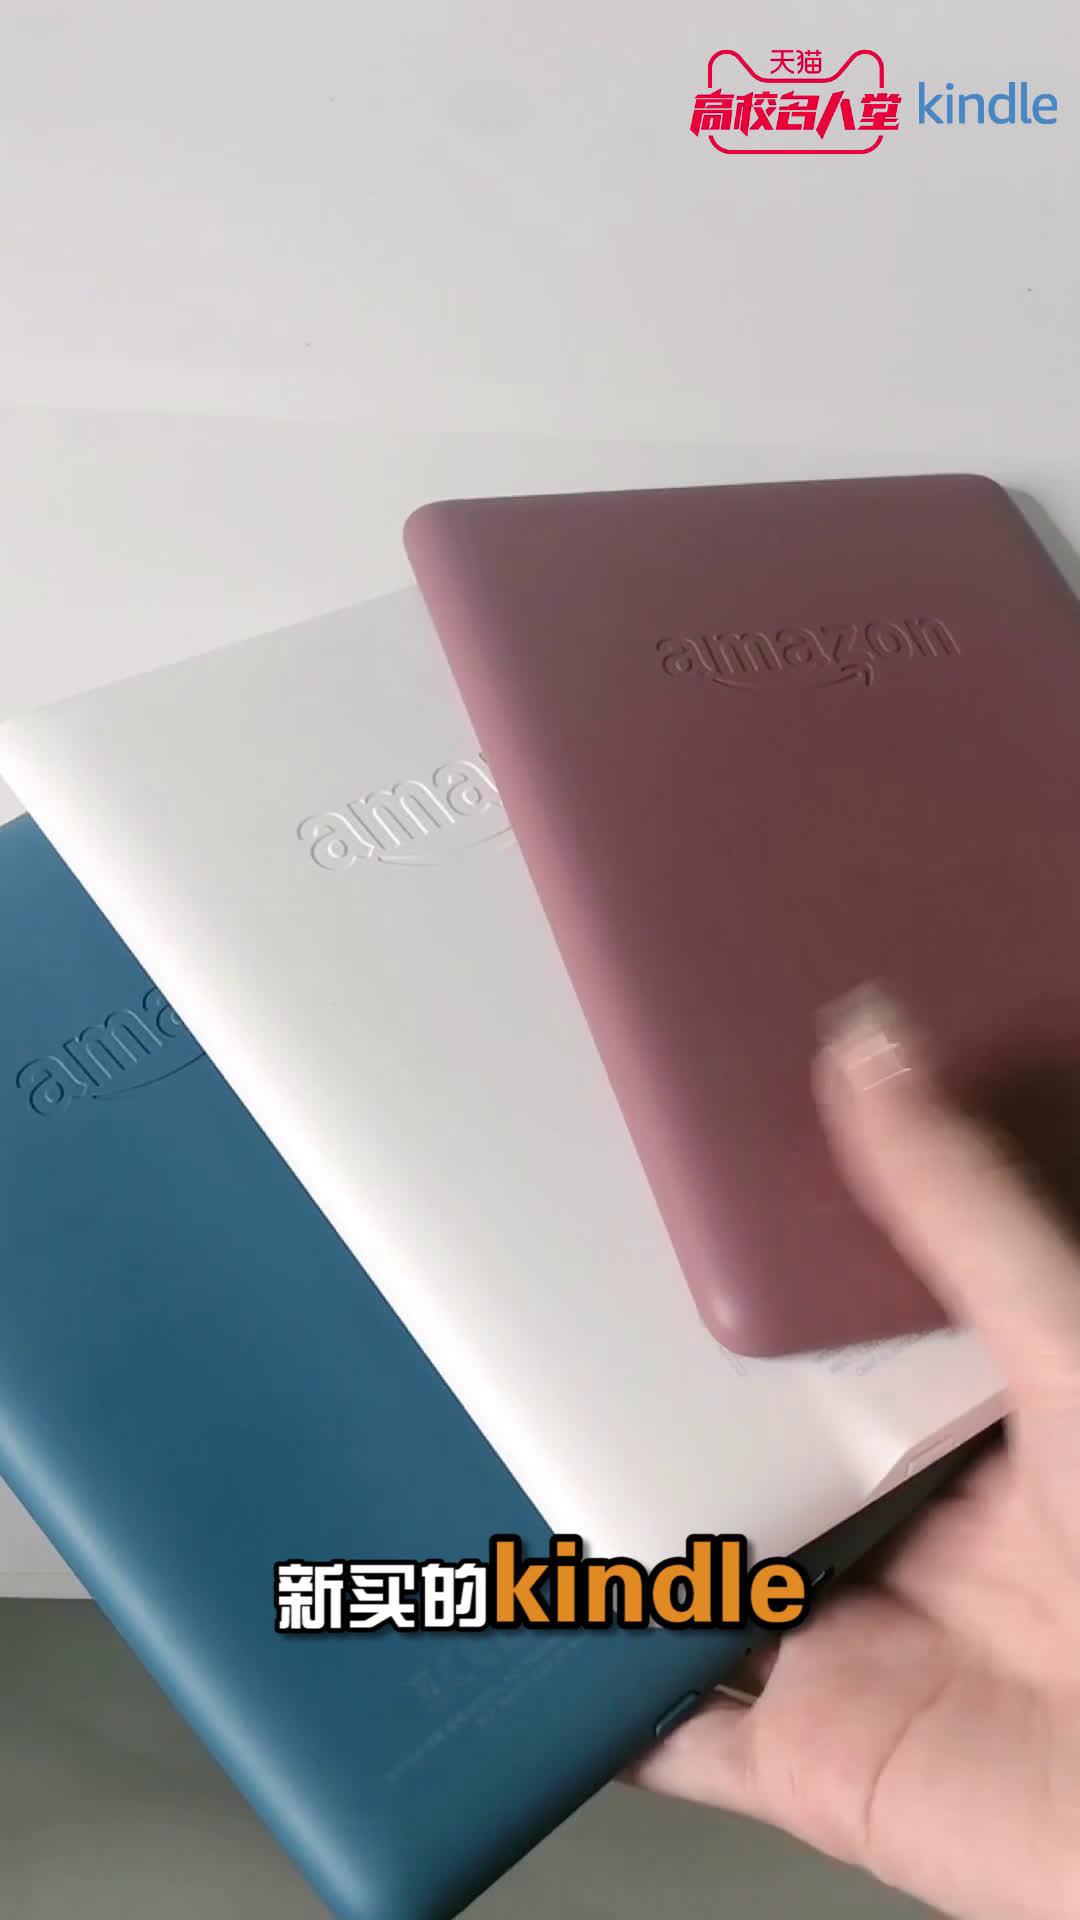 你的Kindle买回来很久是不是仅仅局限于看书、装X和买壳上了其实Kind